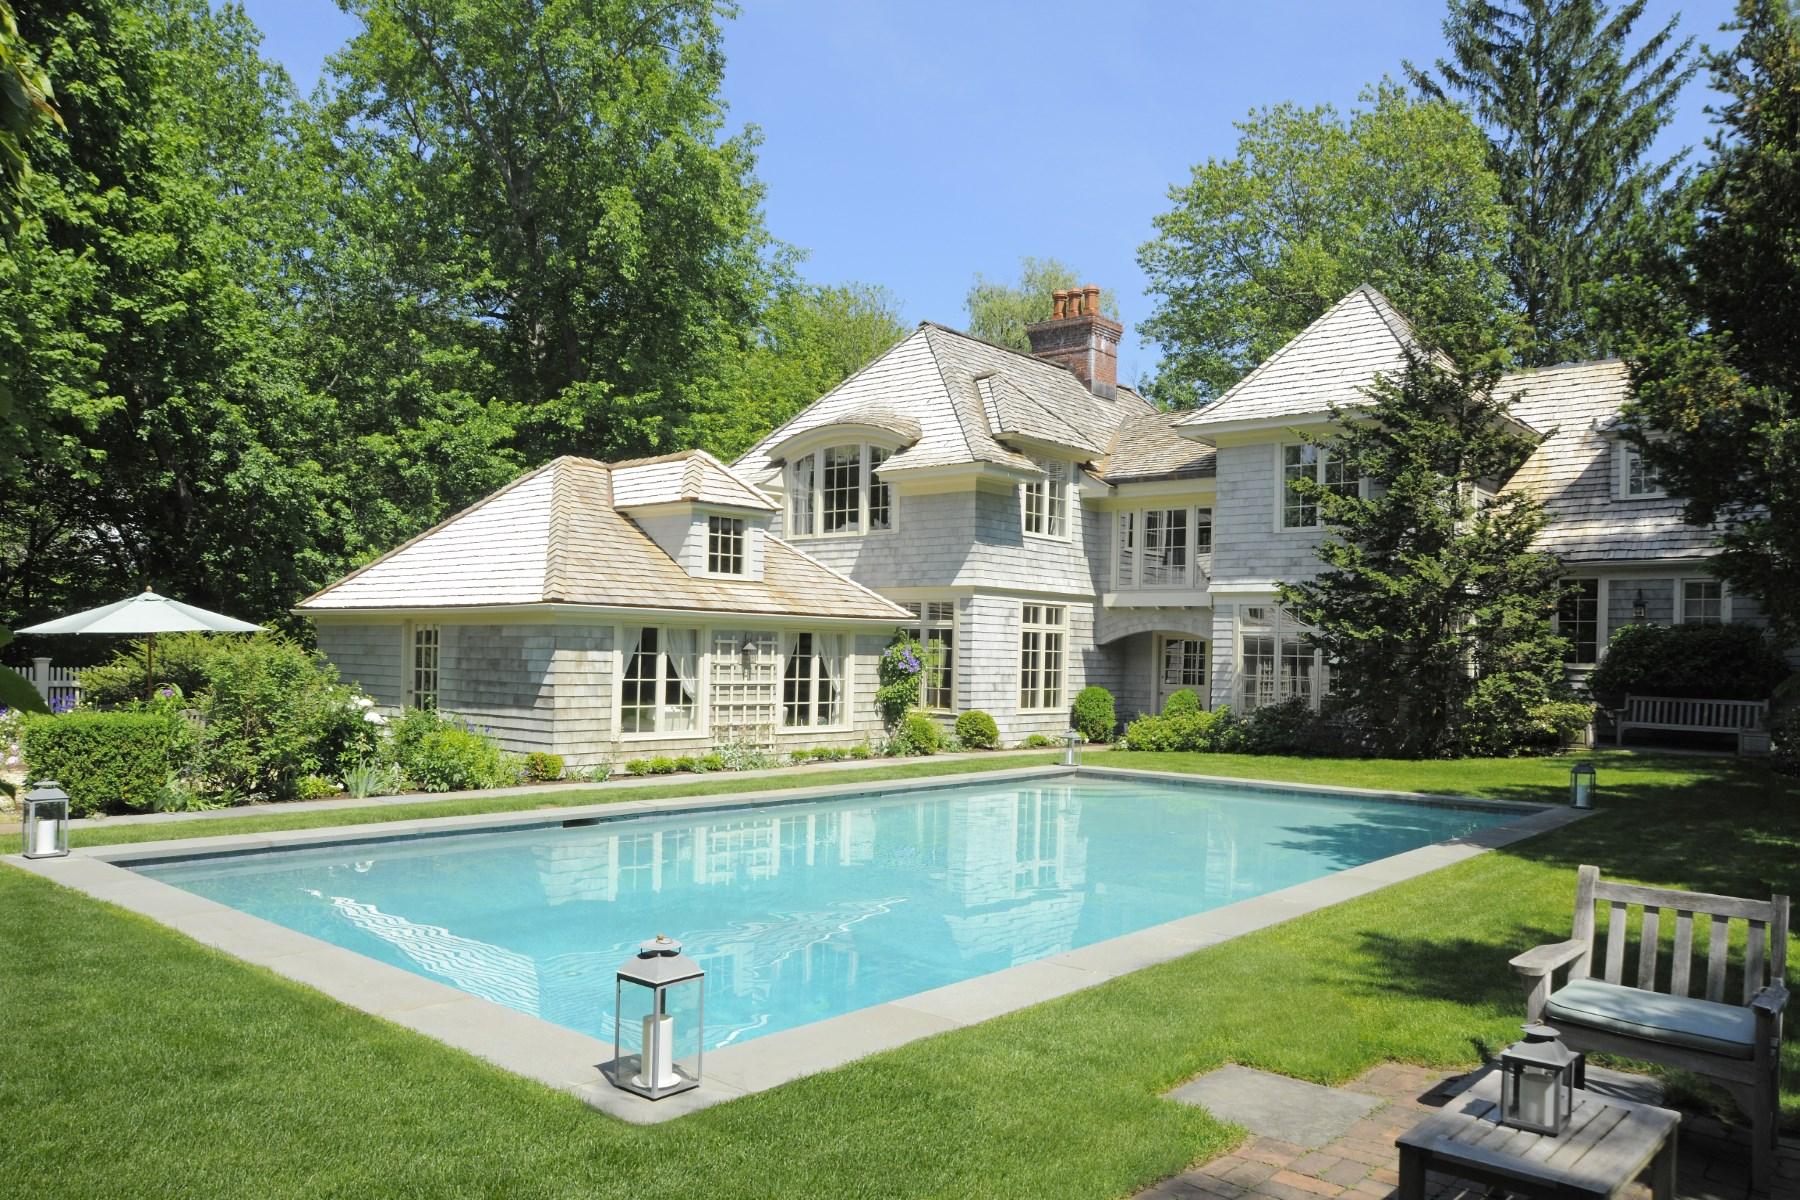 Maison unifamiliale pour l Vente à Near Town Perfection 9 Hobart Drive South Of Parkway, Greenwich, Connecticut 06831 États-Unis